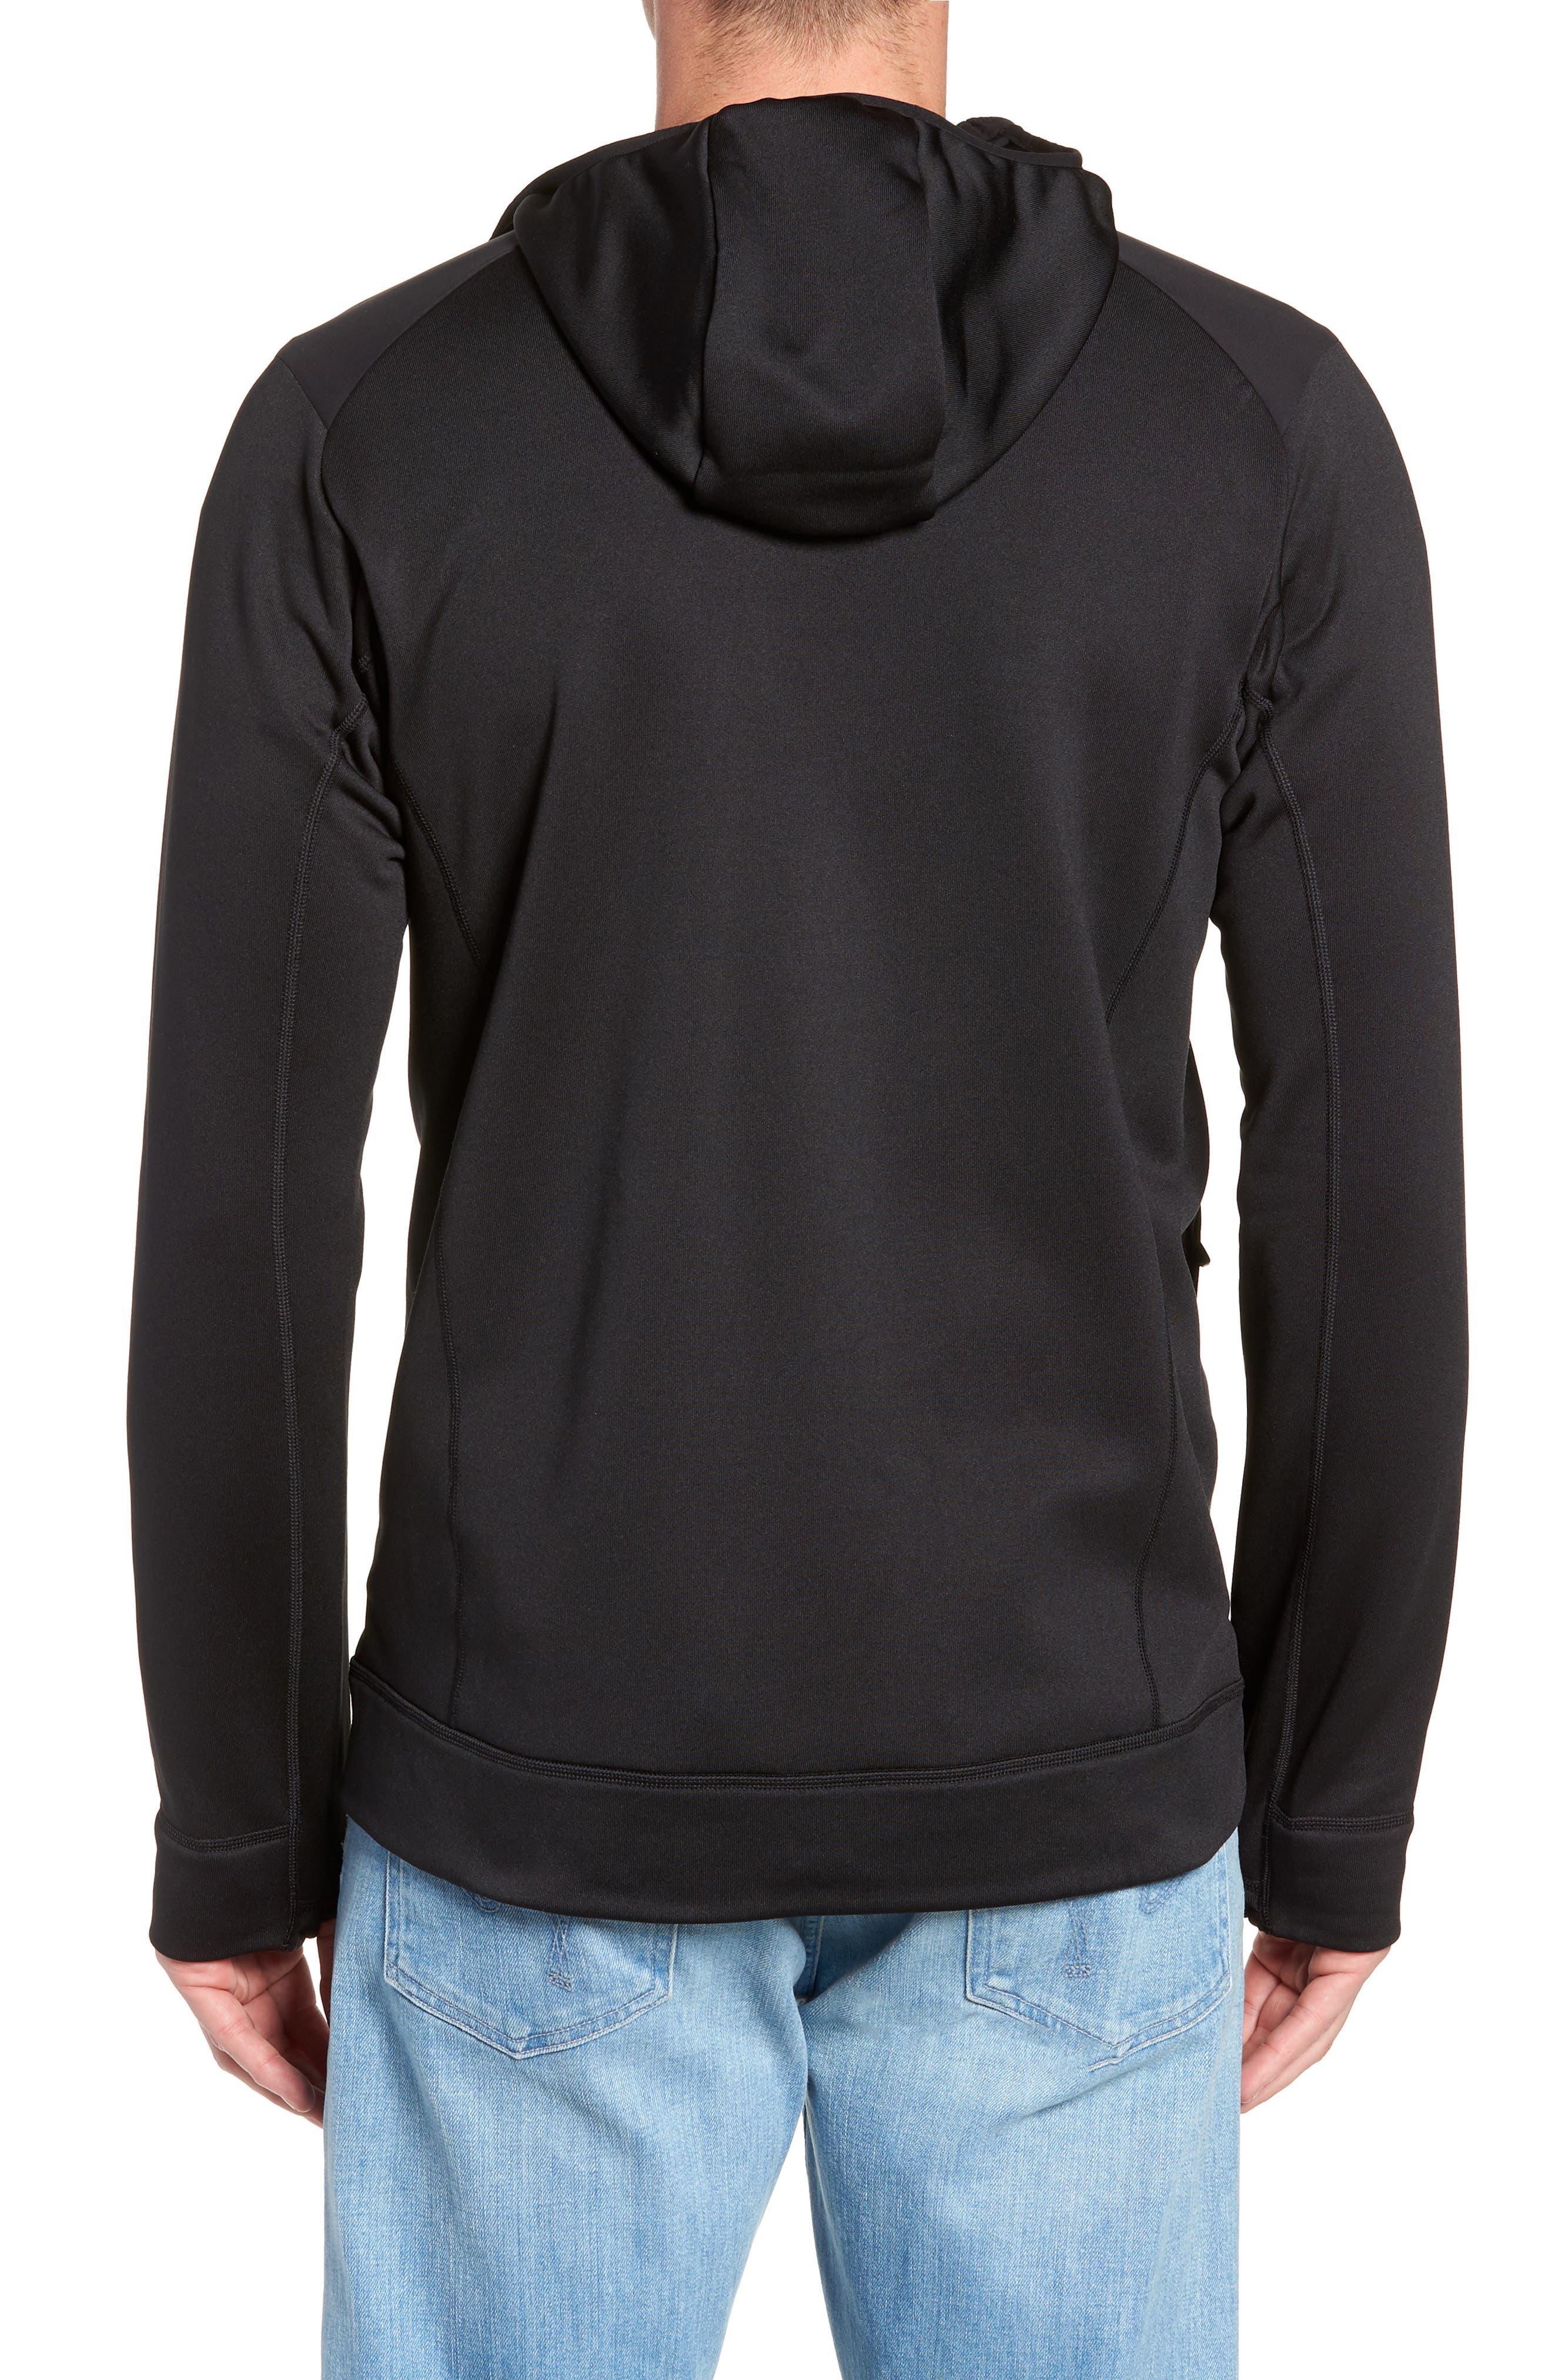 Crosstek Hybrid Hooded Jacket,                             Alternate thumbnail 2, color,                             BLACK